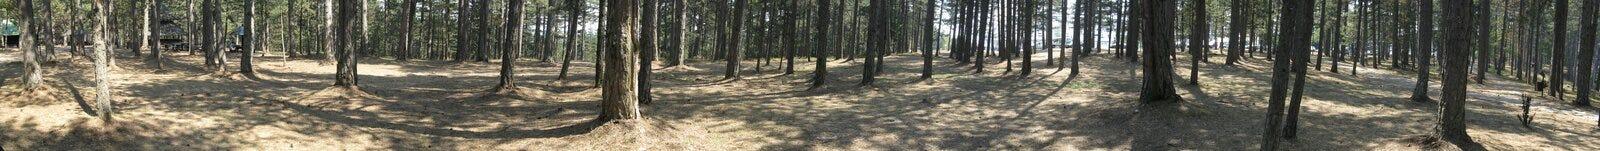 Δάσος κωνοφόρων Στοκ Εικόνες